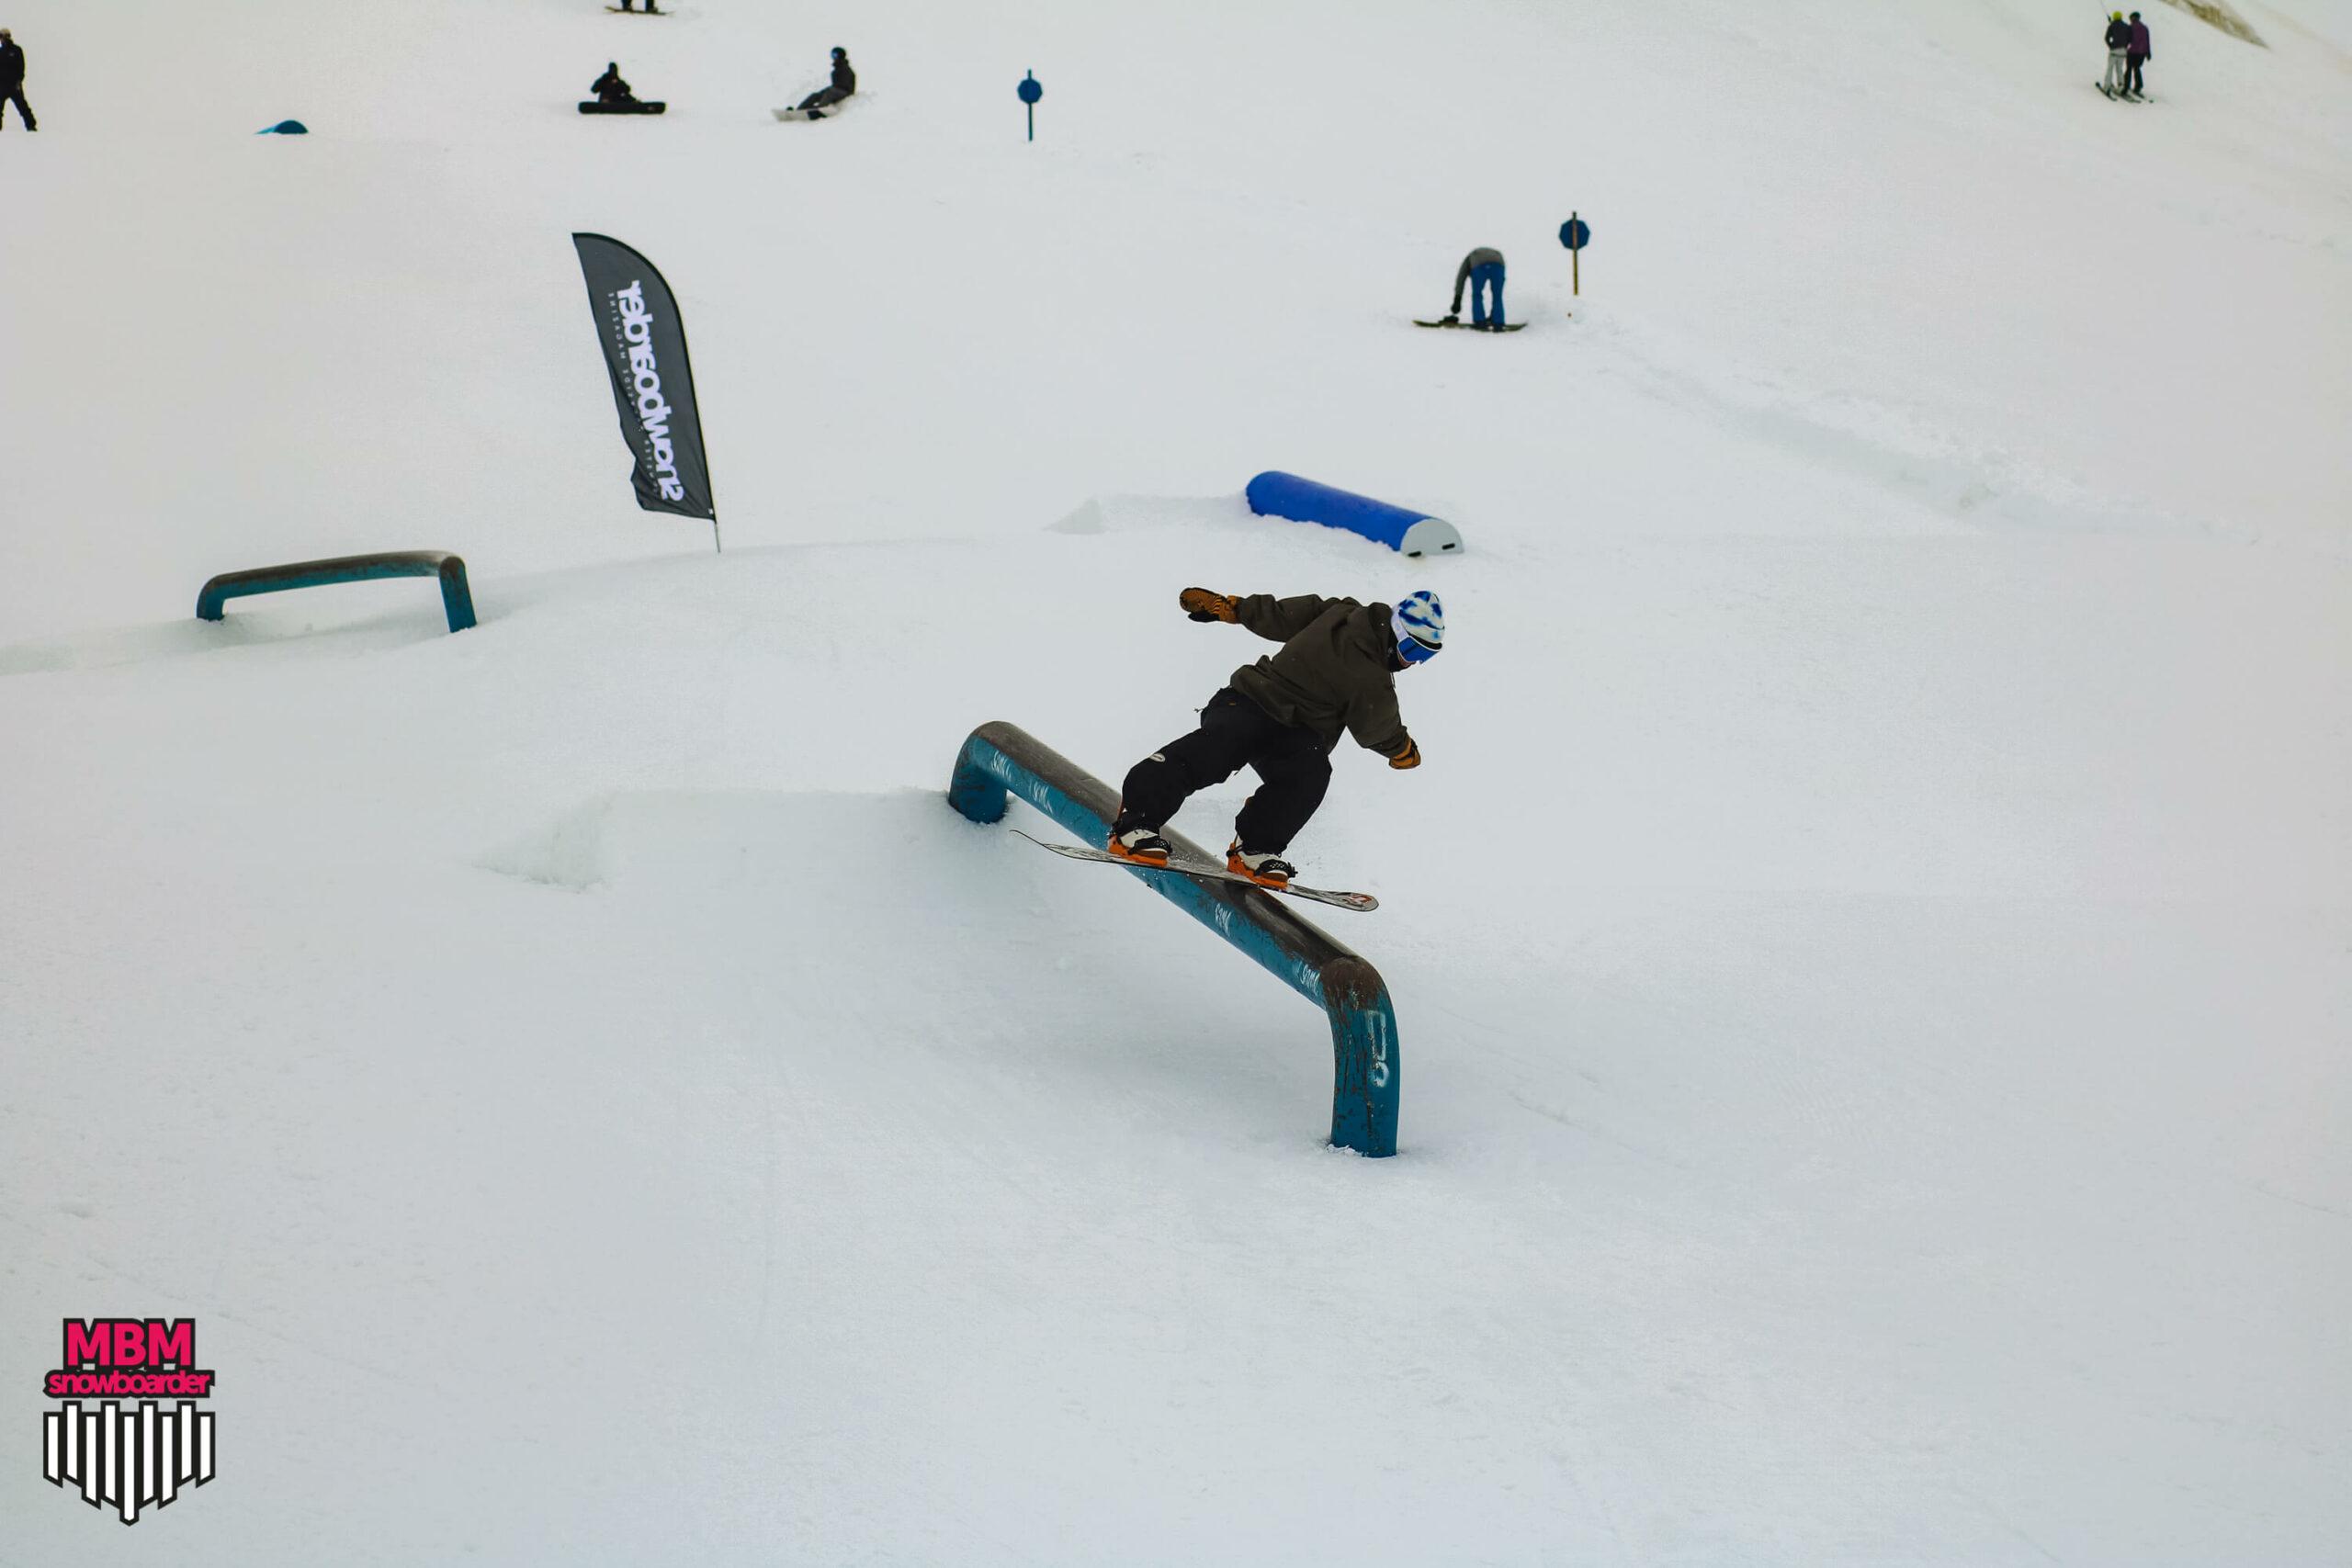 snowboarderMBM_sd_kaunertal_047